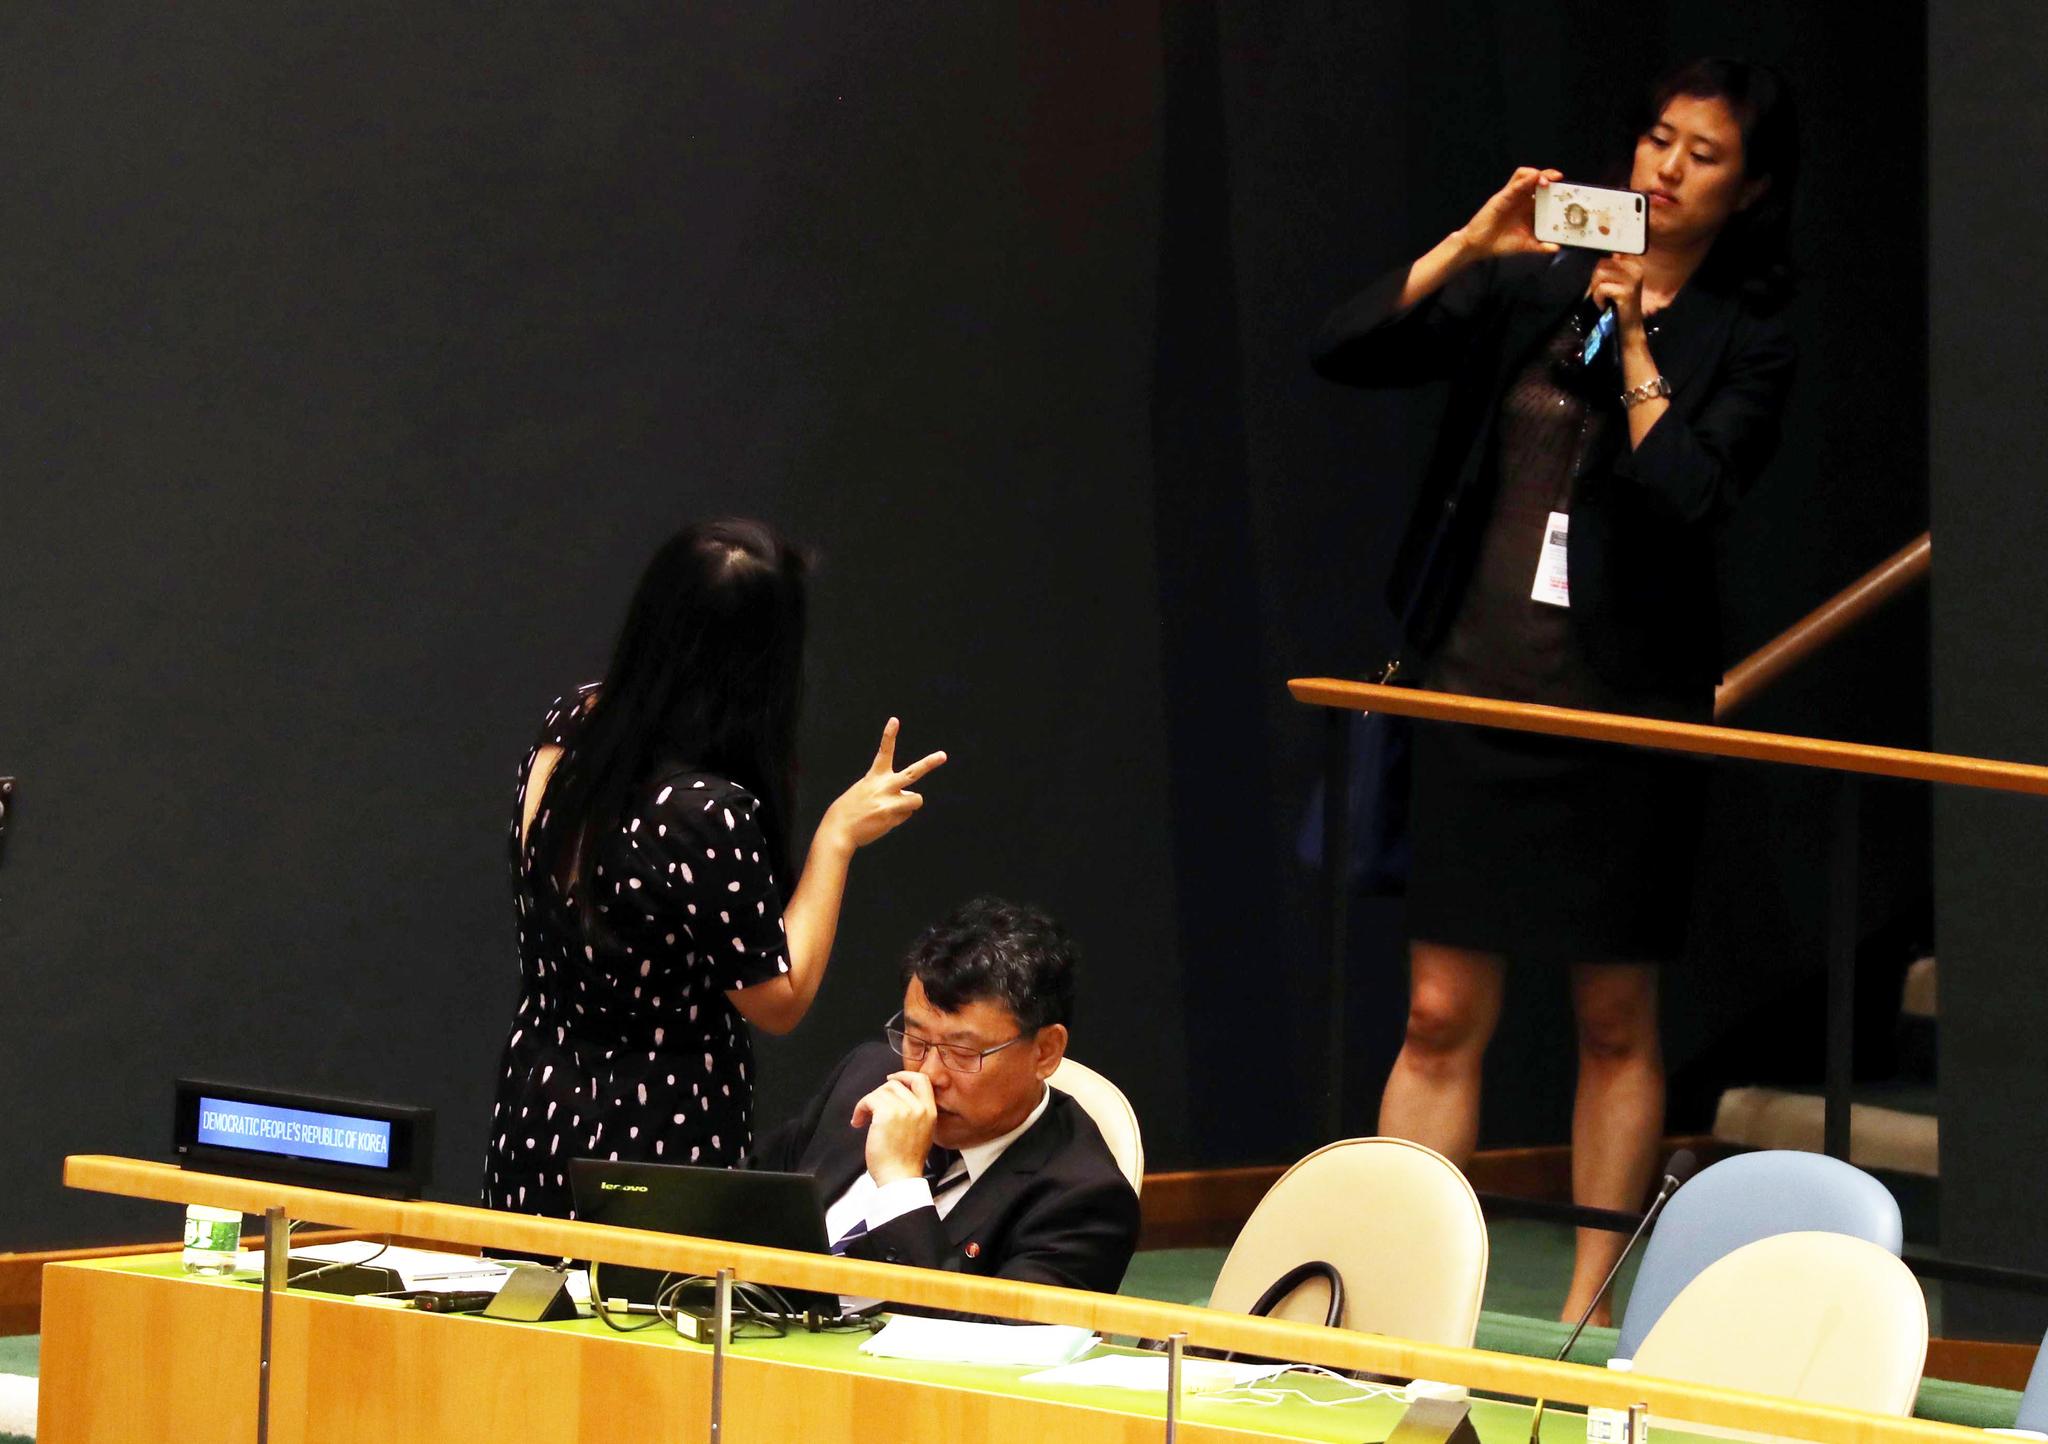 북한 유엔대표부가 24일 오후(현지시간) 뉴욕 유엔 총회장에서 문재인 대통령의 기조연설을 듣고 있다. 그 뒤에 유엔 관계자들이 기념촬영을 하고 있다. 강정현 기자